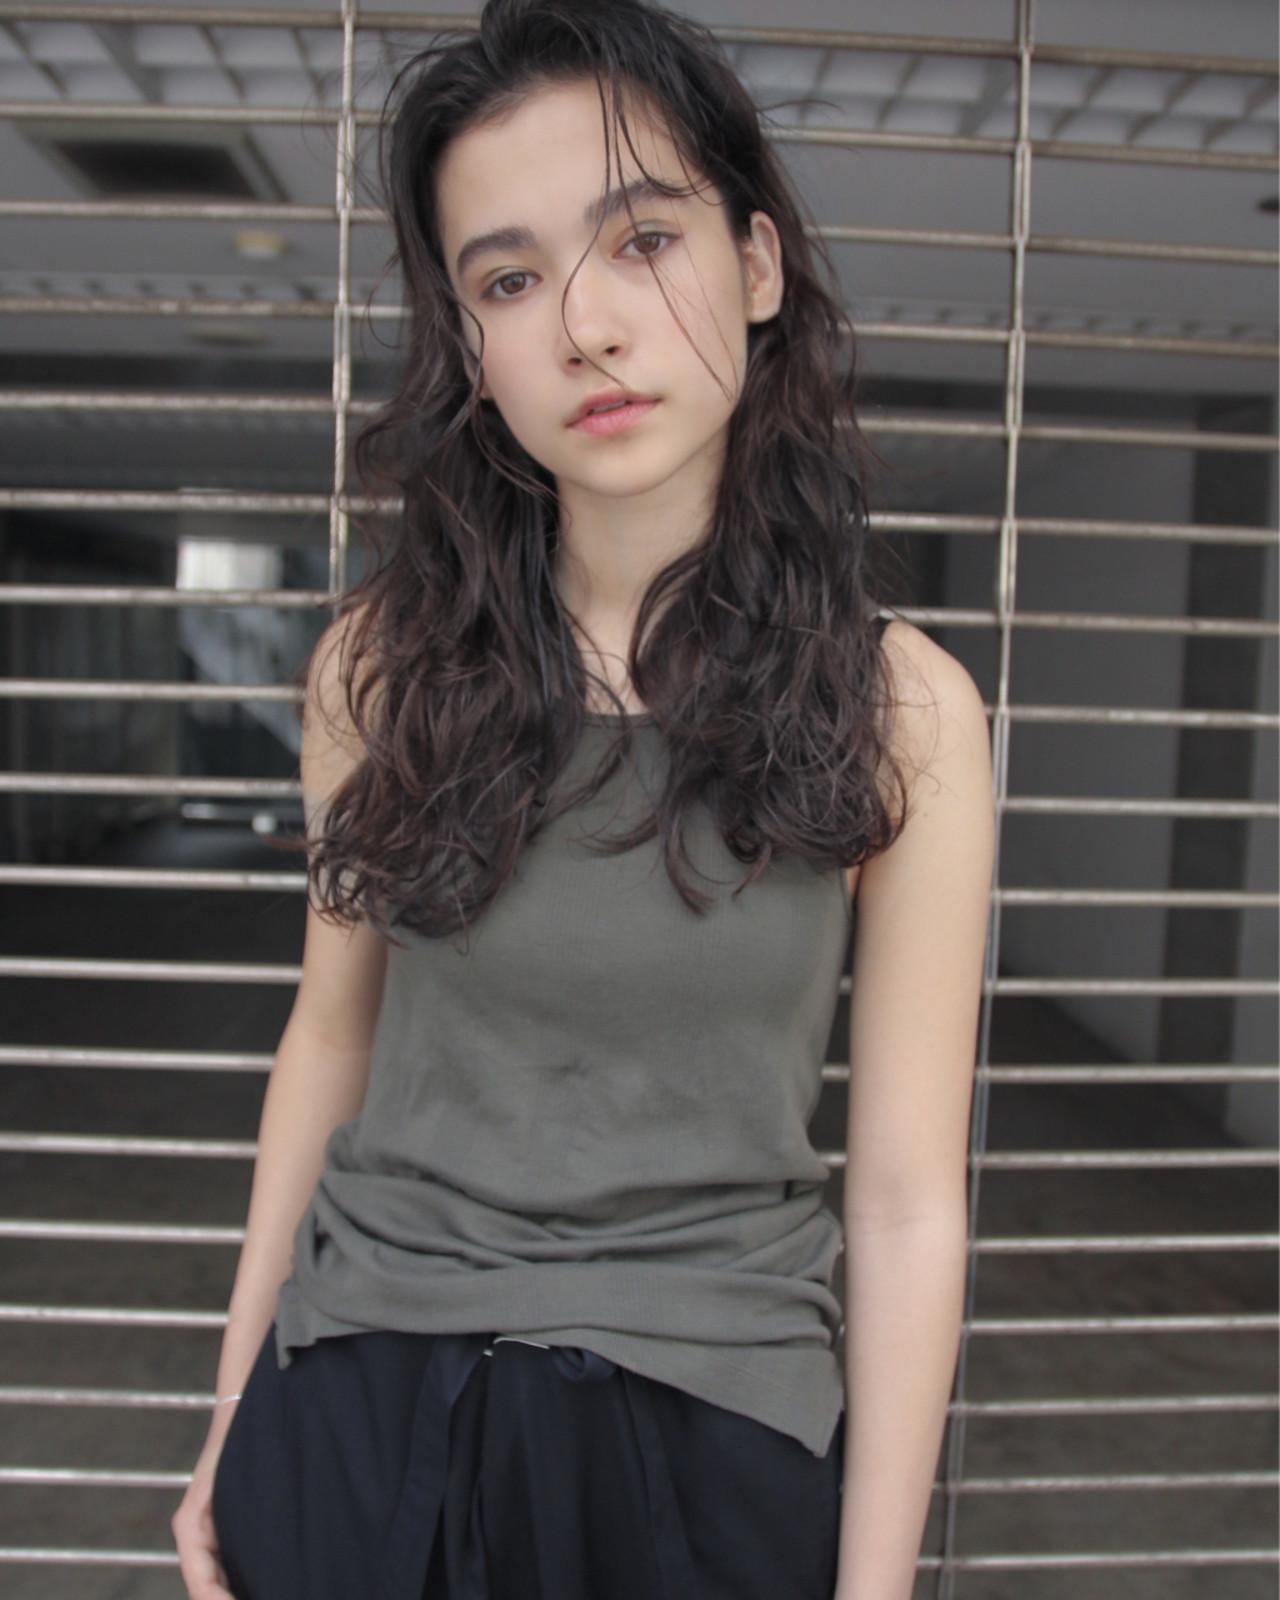 パーマ ロング ウェーブ 外国人風 ヘアスタイルや髪型の写真・画像 | 津崎 伸二 / nanuk / nanuk渋谷店(ナヌーク)